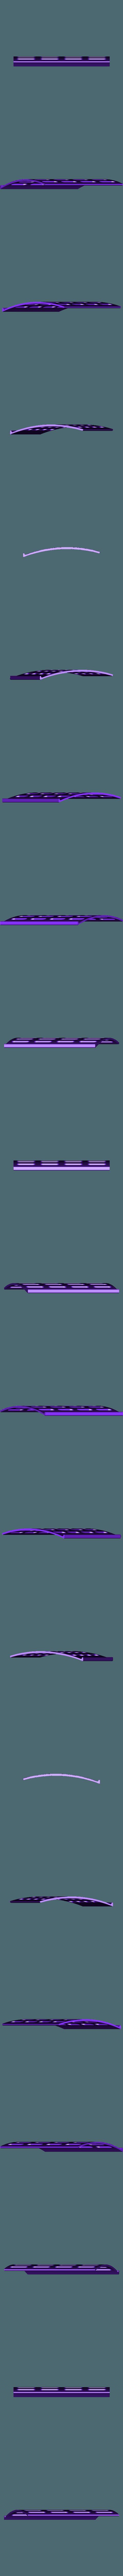 OdysseyLightShadeSlide.stl Télécharger fichier STL gratuit Honda Odyssey Abat-jour intérieur • Objet pour imprimante 3D, stensethjeremy